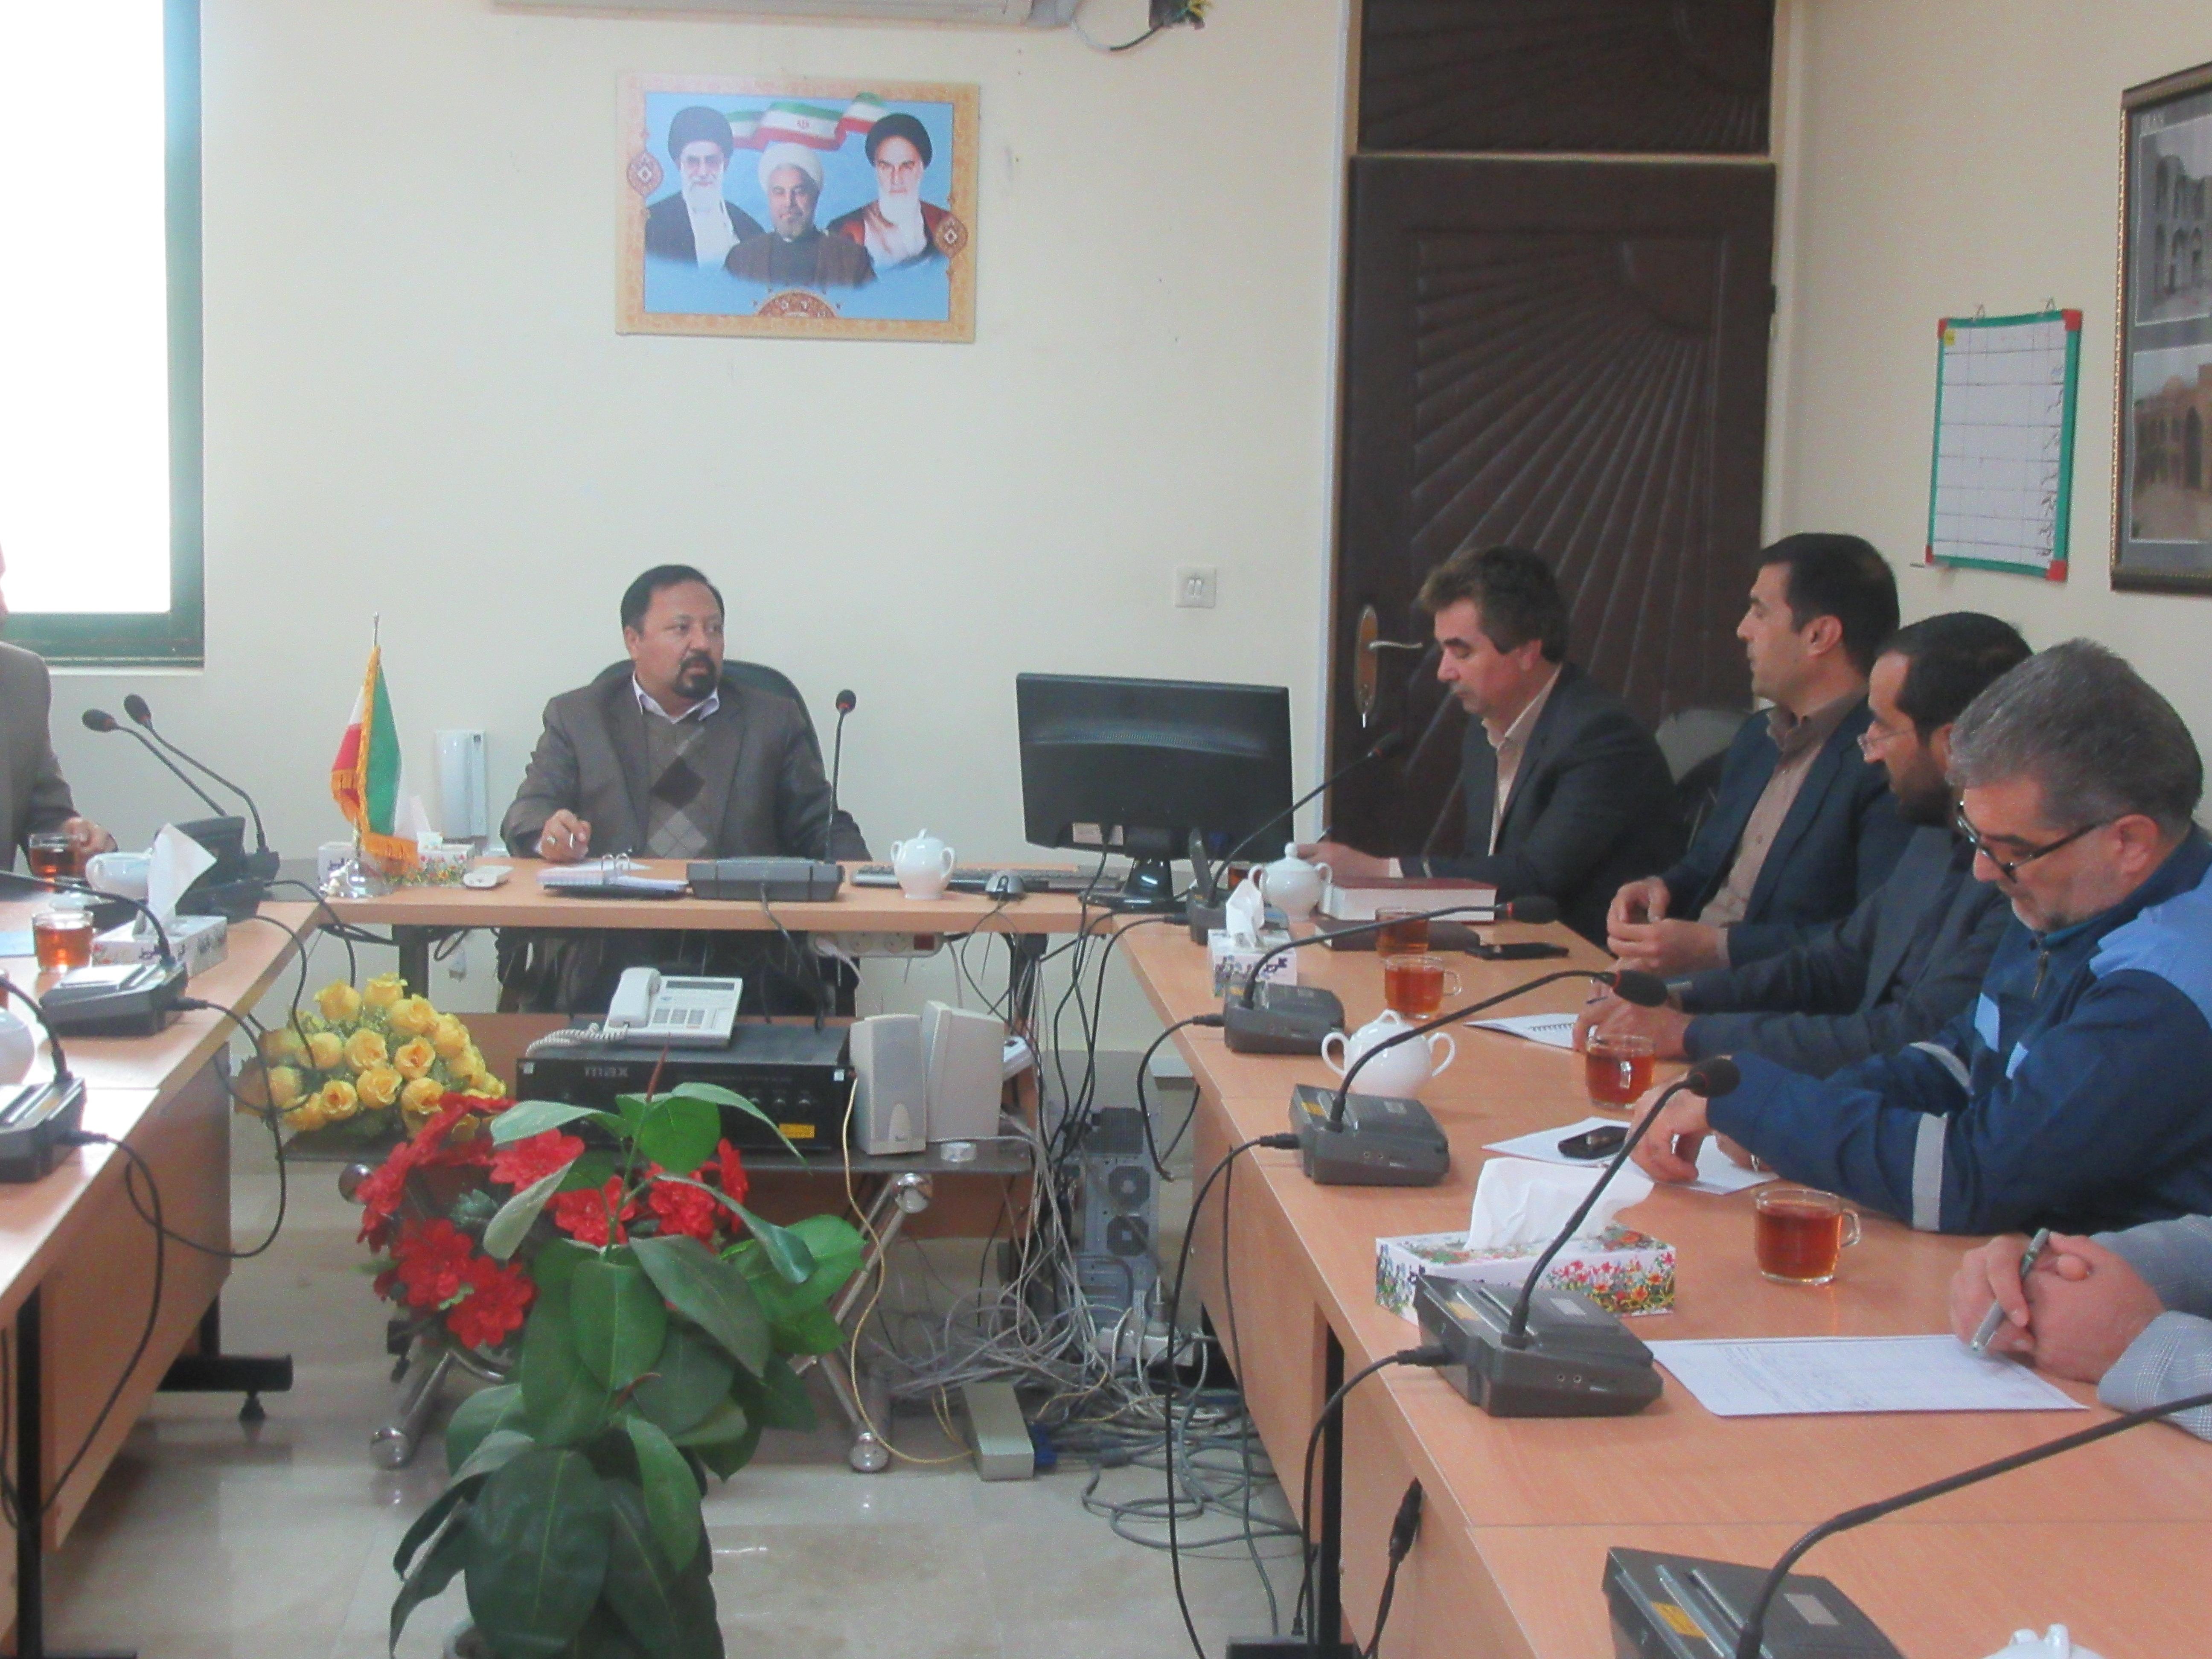 جلسه میراث فرهنگی و گردشگری با عنوان اولین قطار گردشگری در خواف